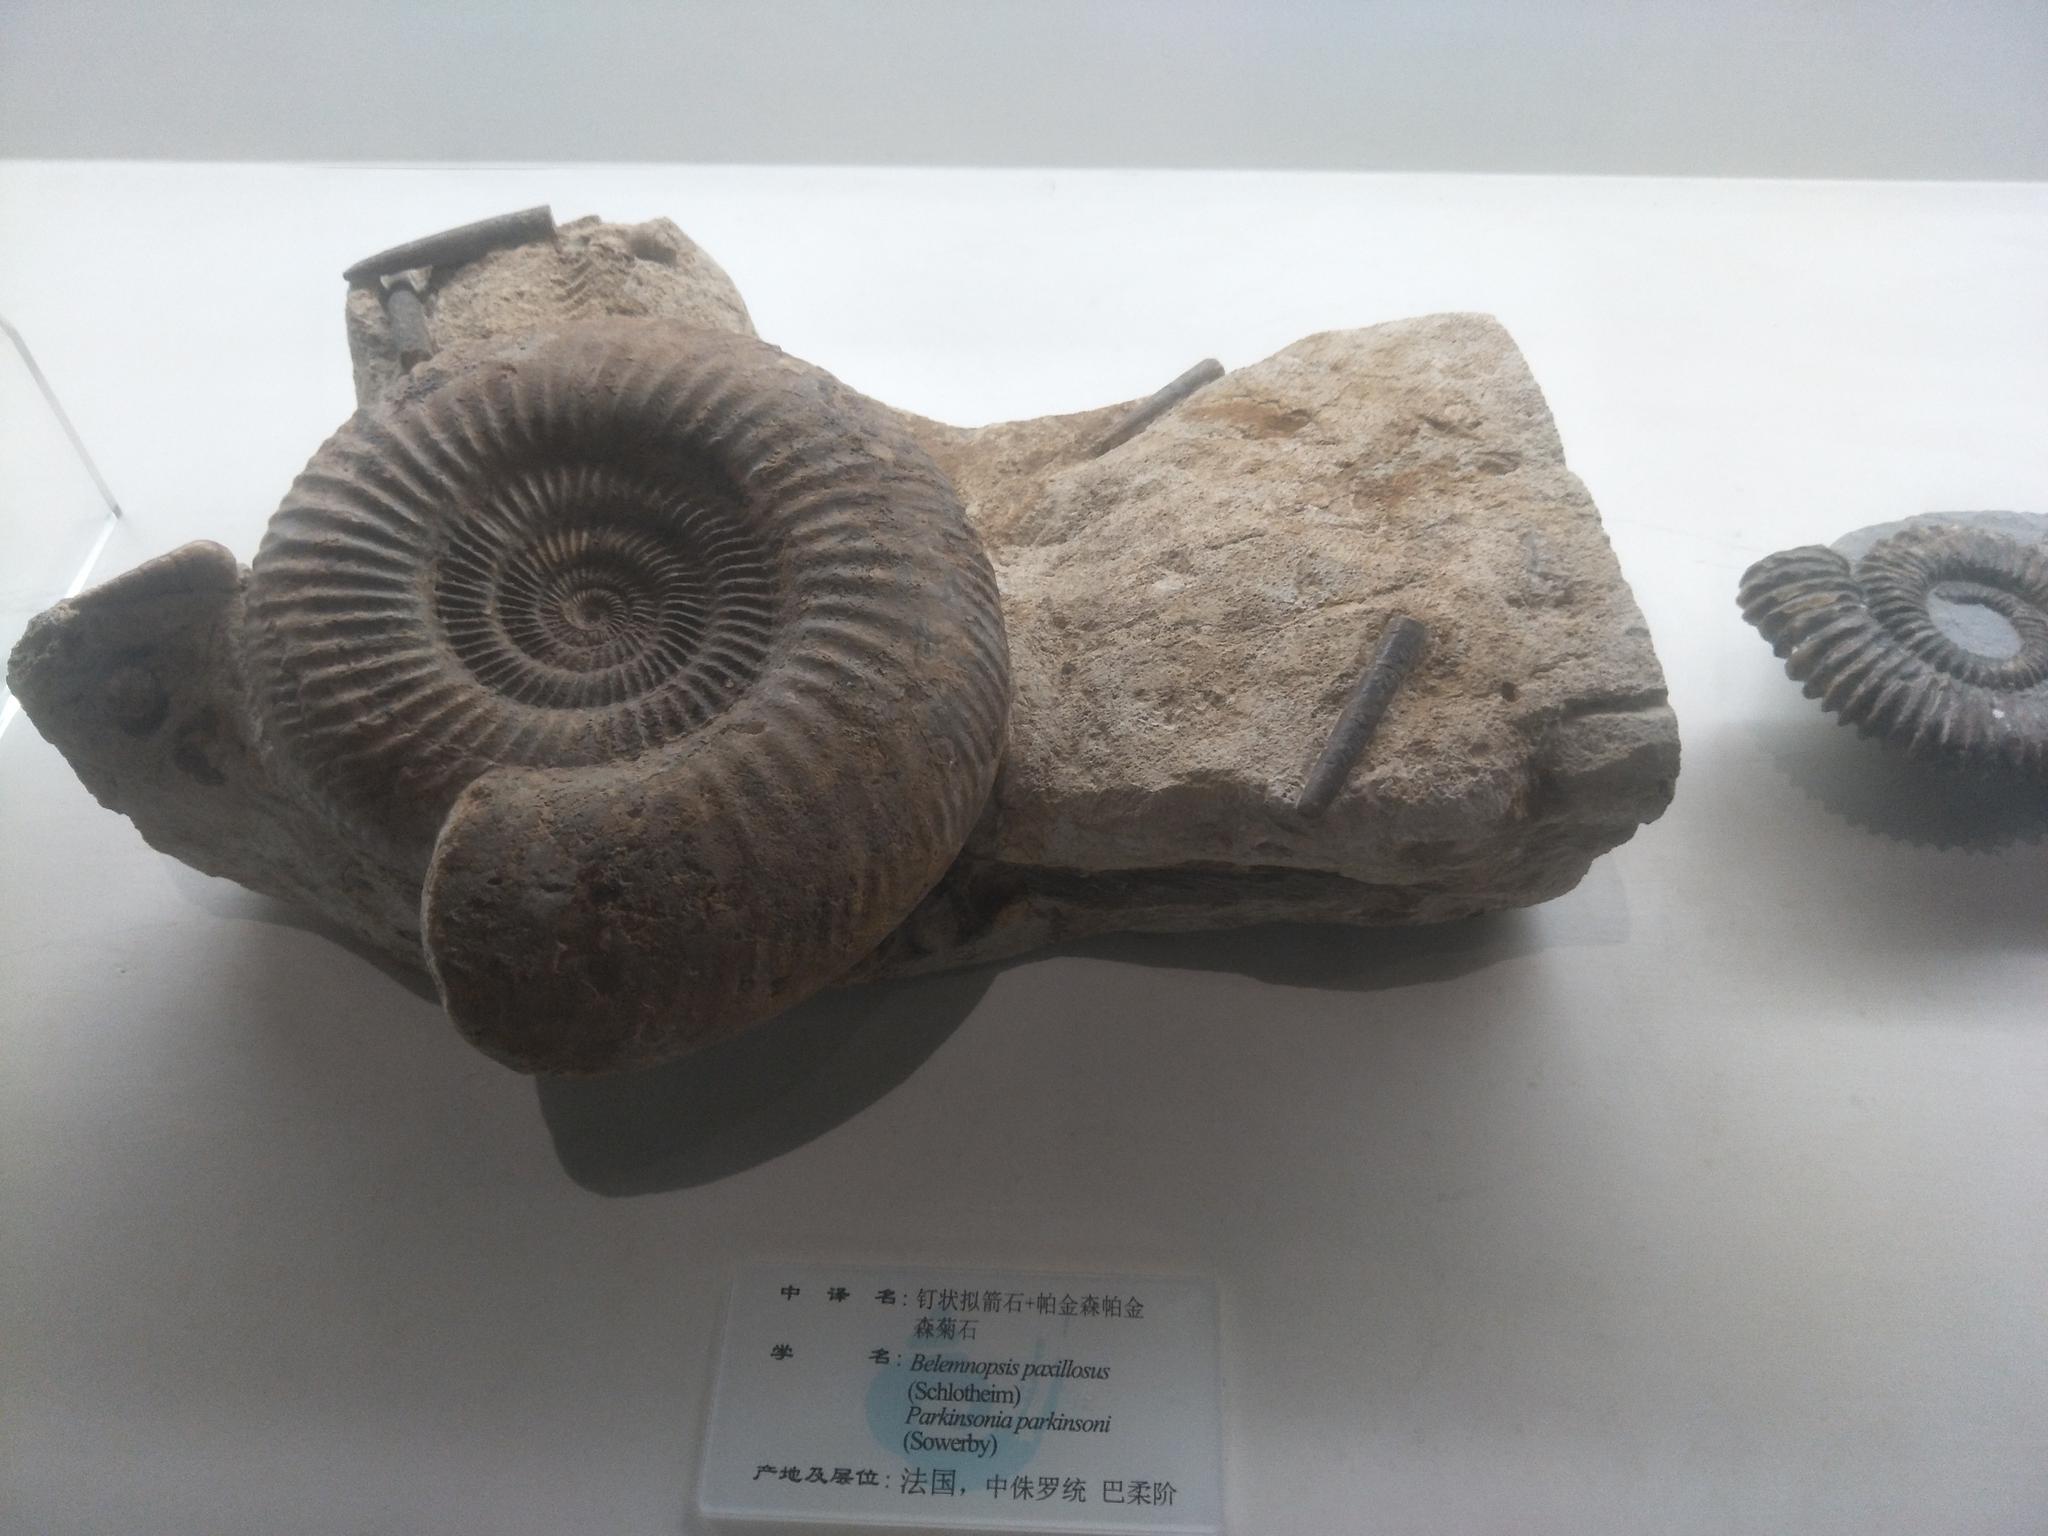 大连星海广场贝壳博物馆各种贝壳化石,原创摄影